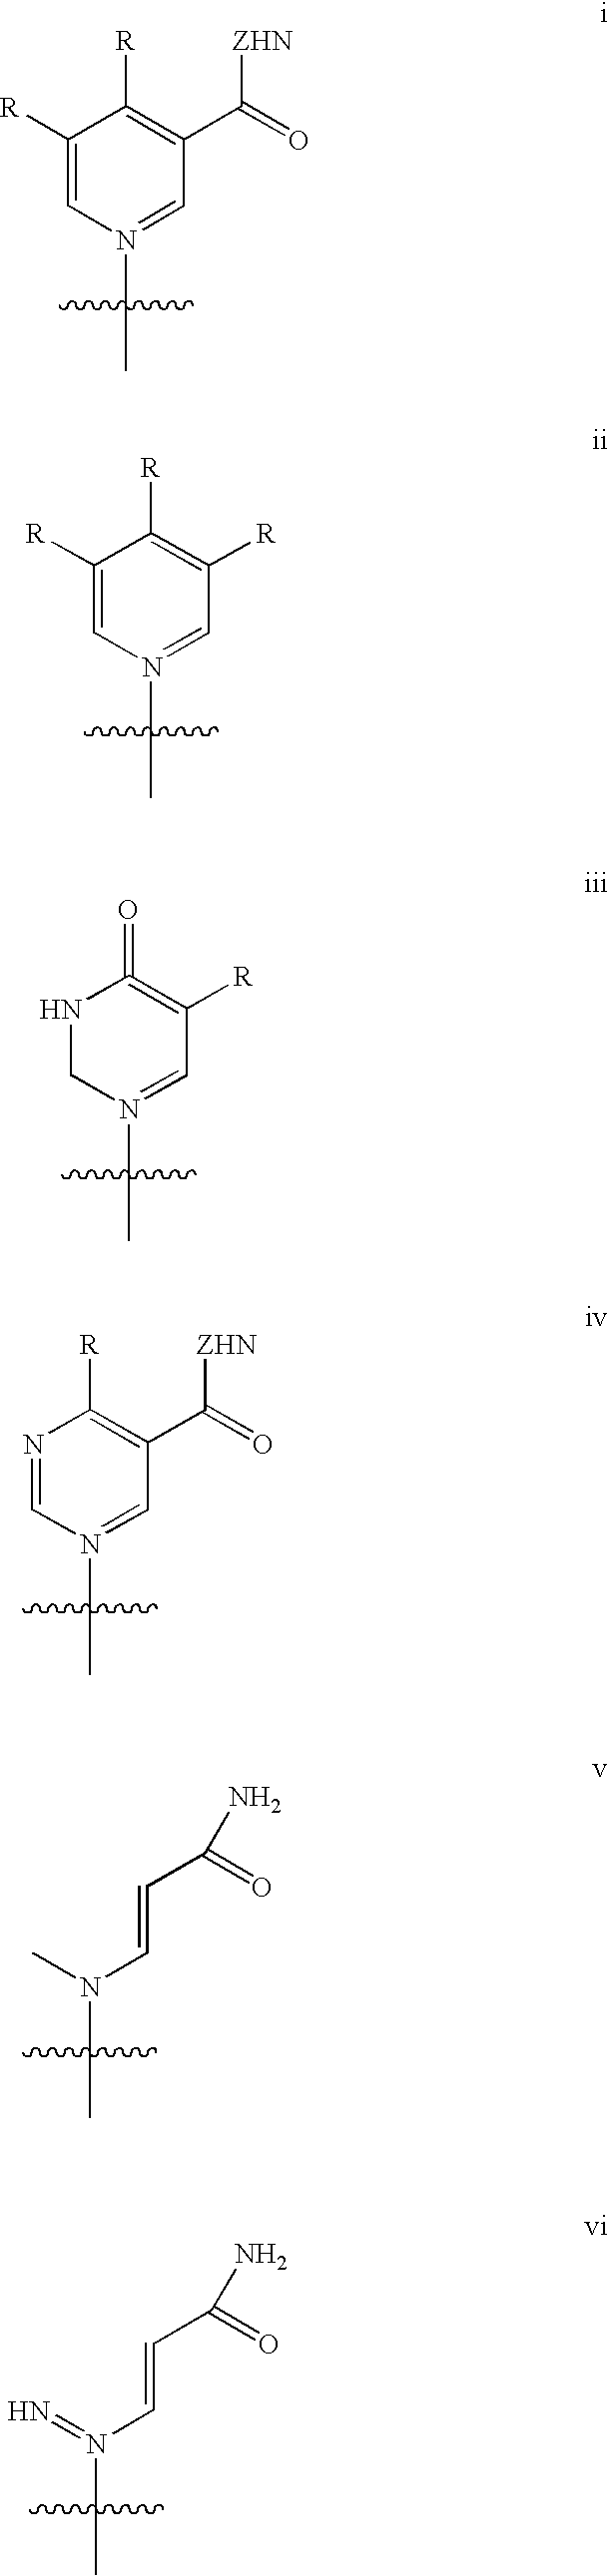 Figure US20070014833A1-20070118-C00057